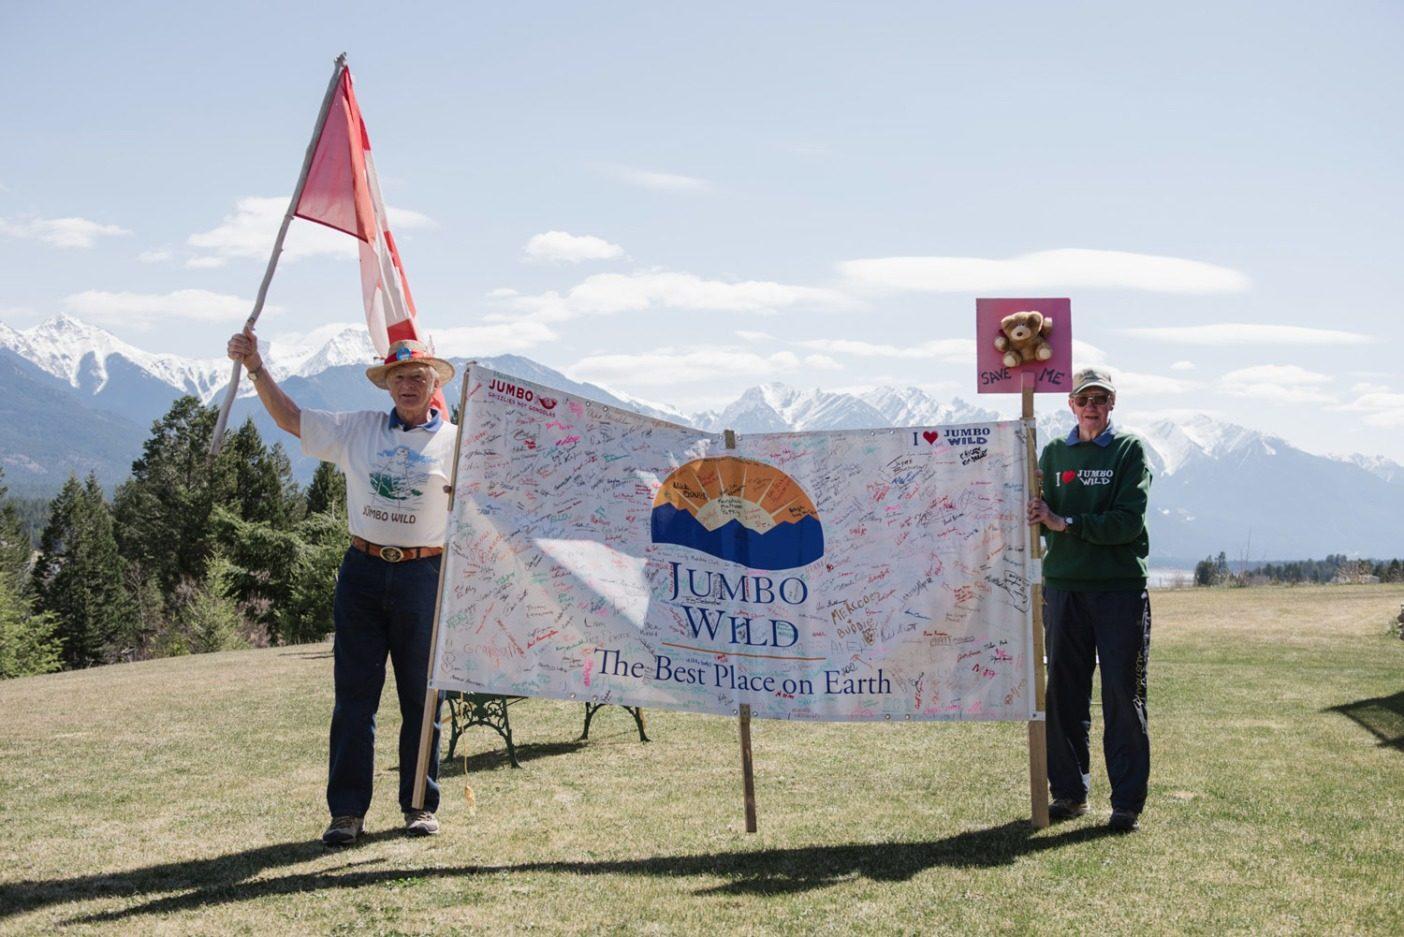 インバーミア・バレーの多くの人びとがジャンボ・グレーシャー・リゾート開発阻止への支持を表明して署名したバナーを掲げるボボ・キャンプソールとジム・ギャロウェイ。Photo: Garrett Grove